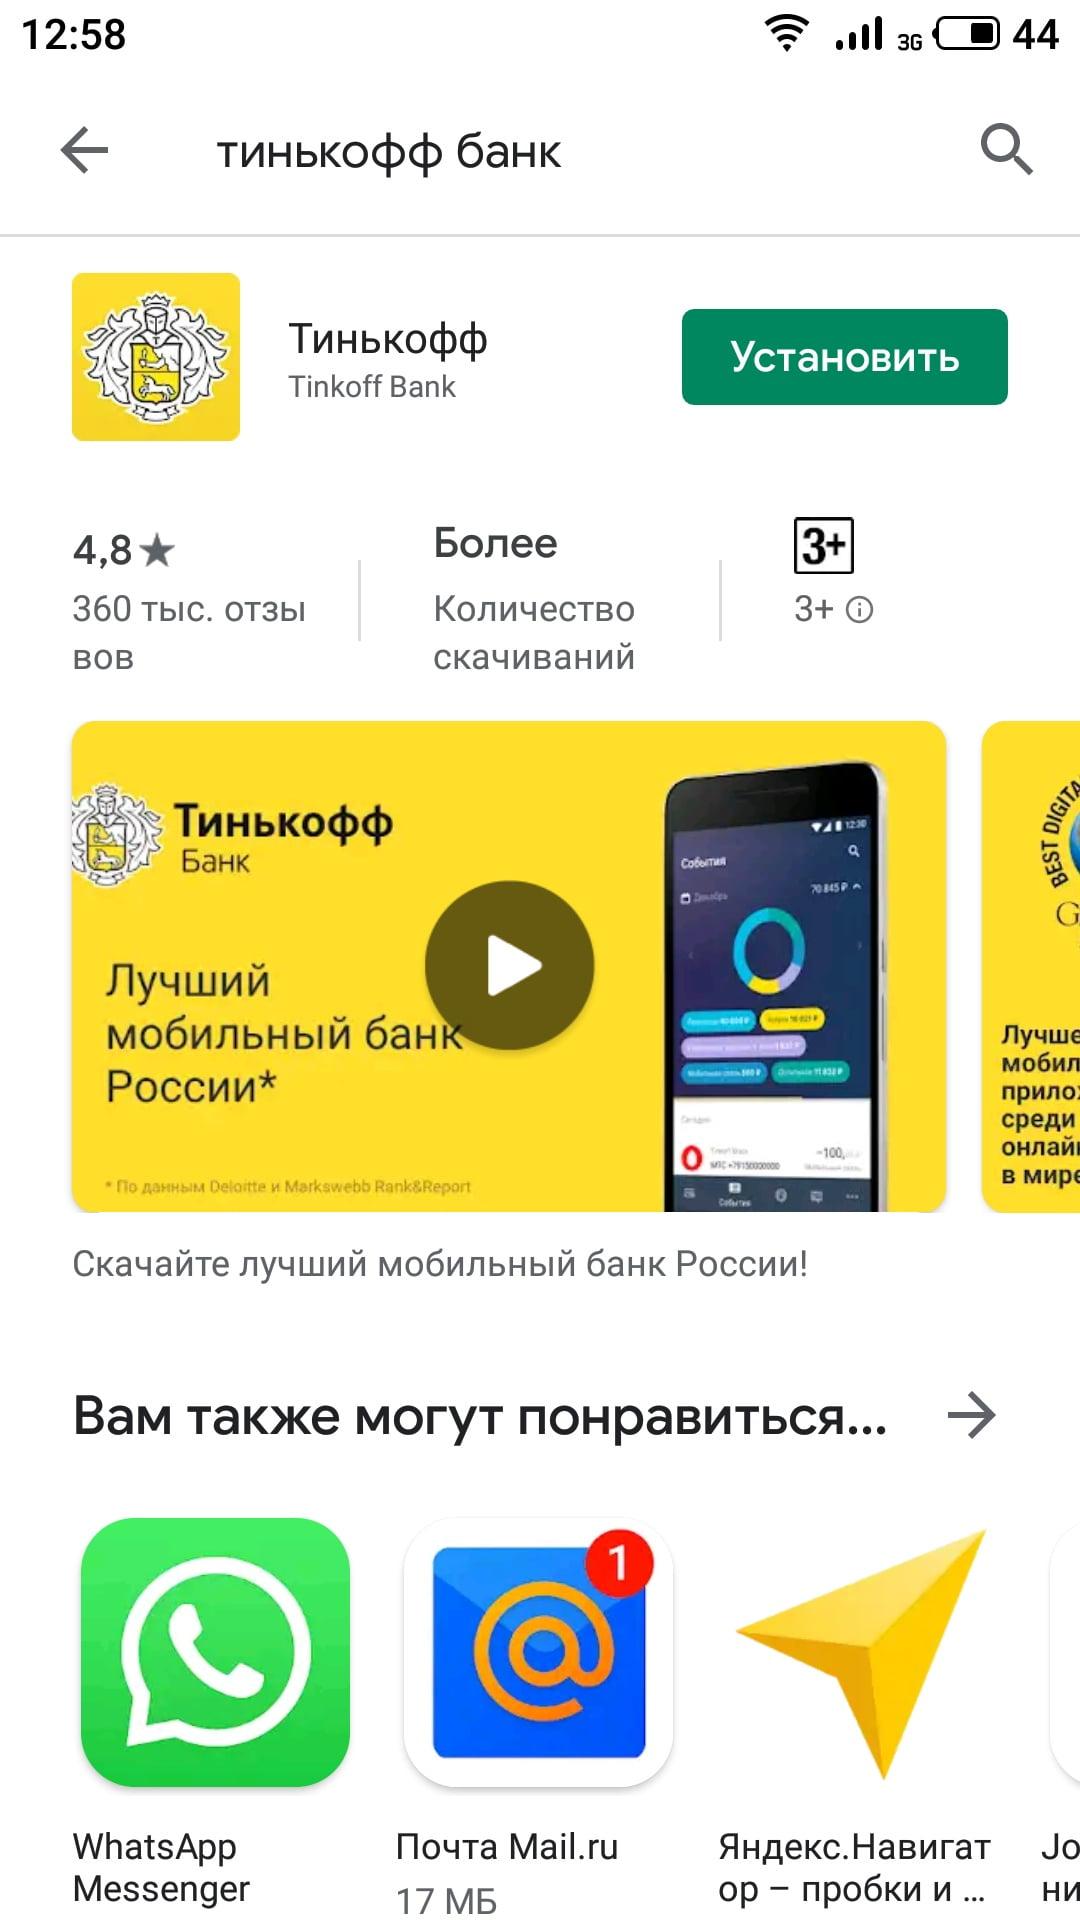 На фото страница скачивания приложения Тинькофф Банк